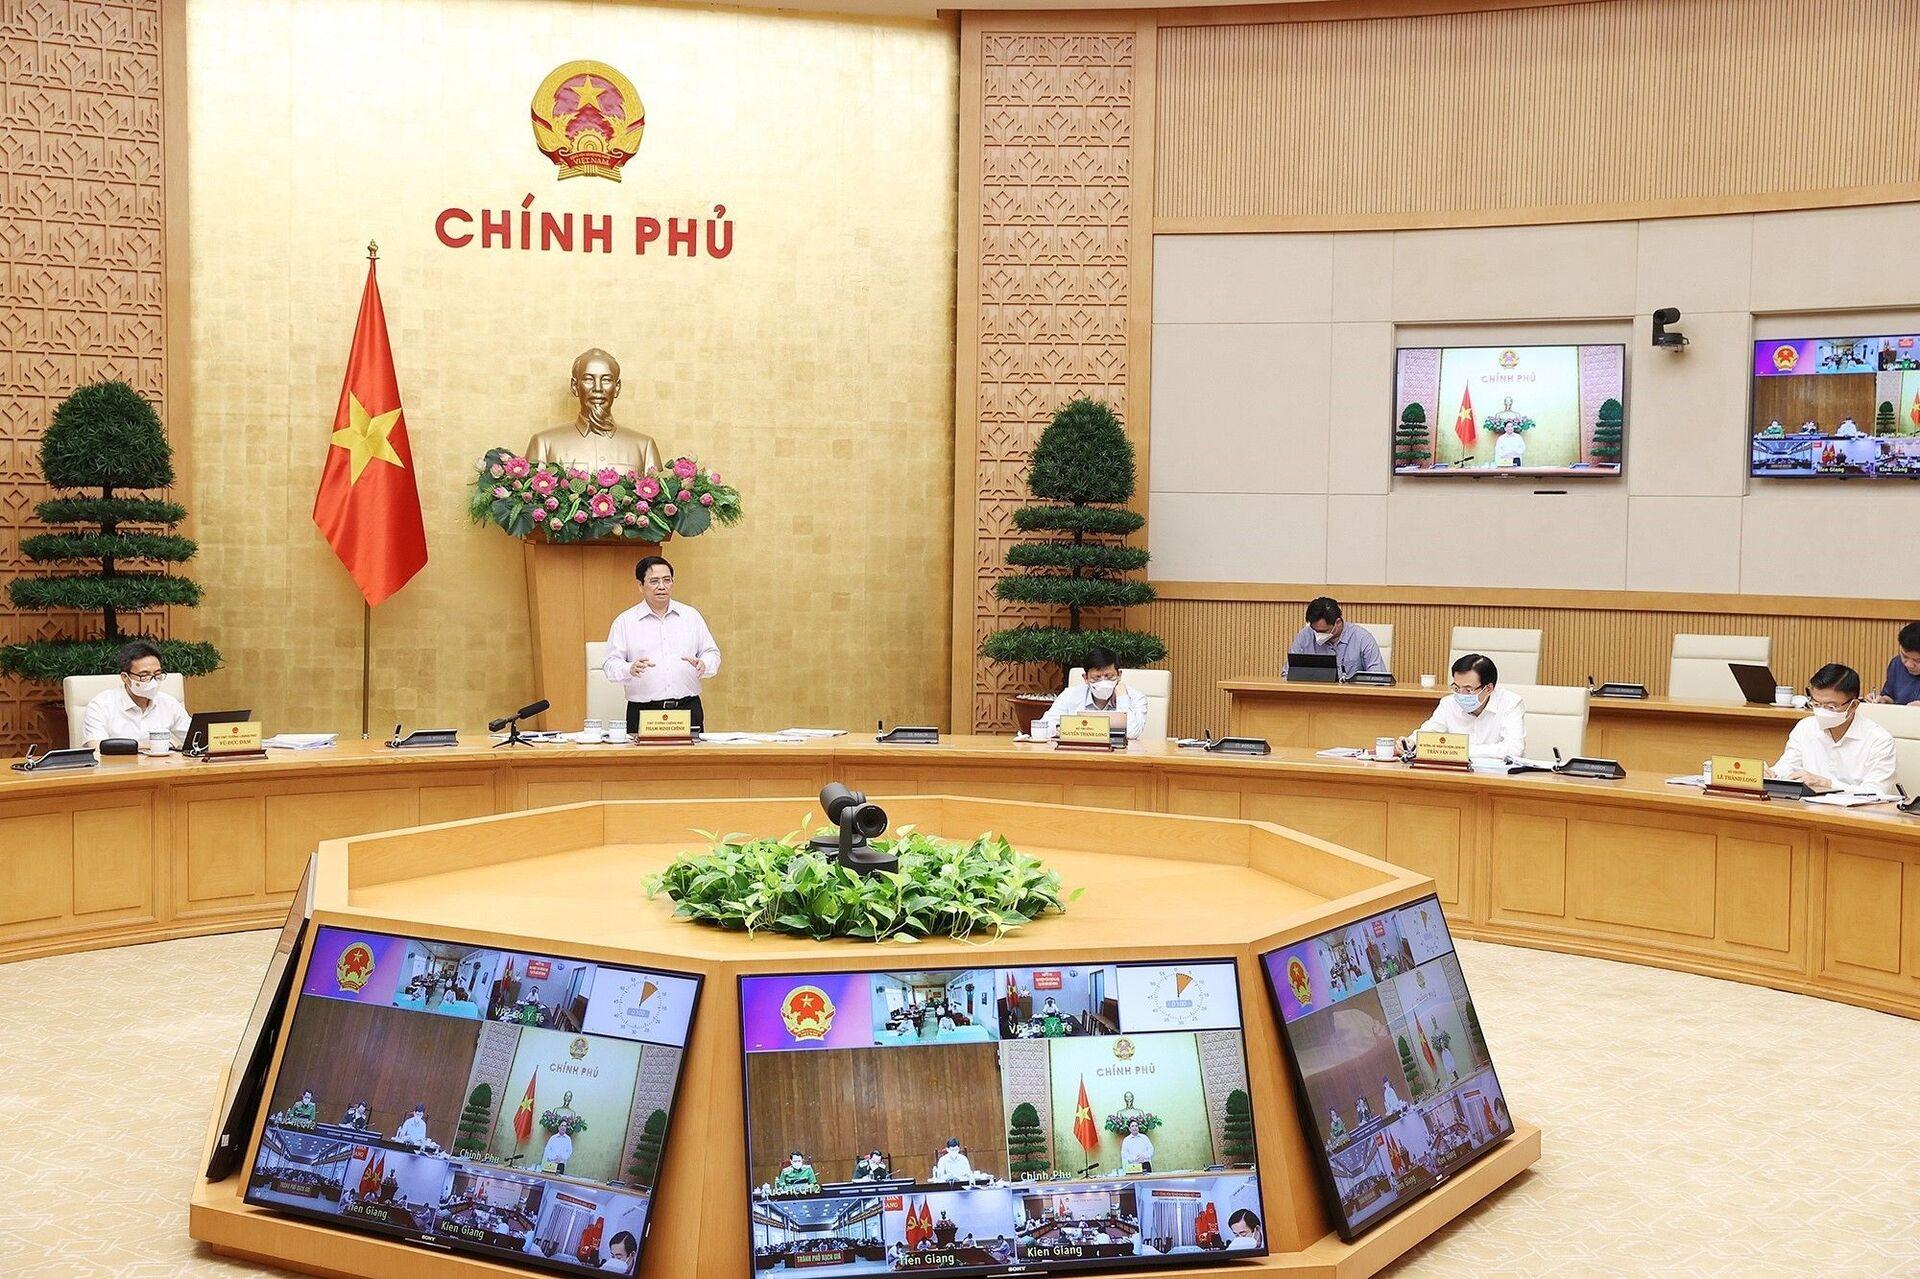 Thủ tướng Phạm Minh Chính kết luận cuộc họp - Sputnik Việt Nam, 1920, 05.10.2021